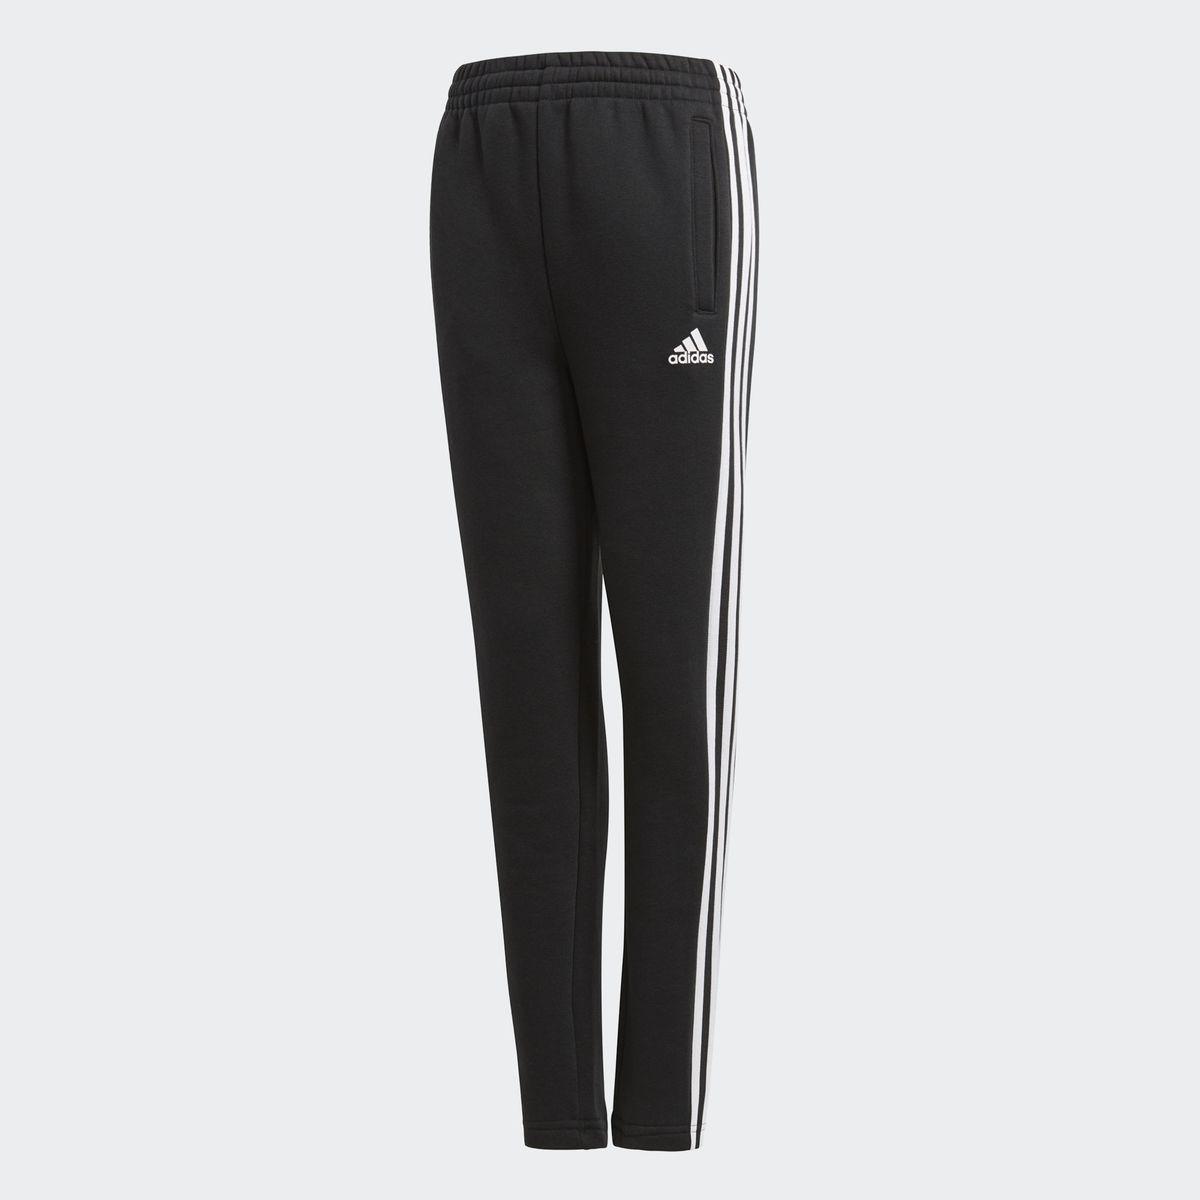 цены Брюки спортивные adidas Yb 3S Br Pant